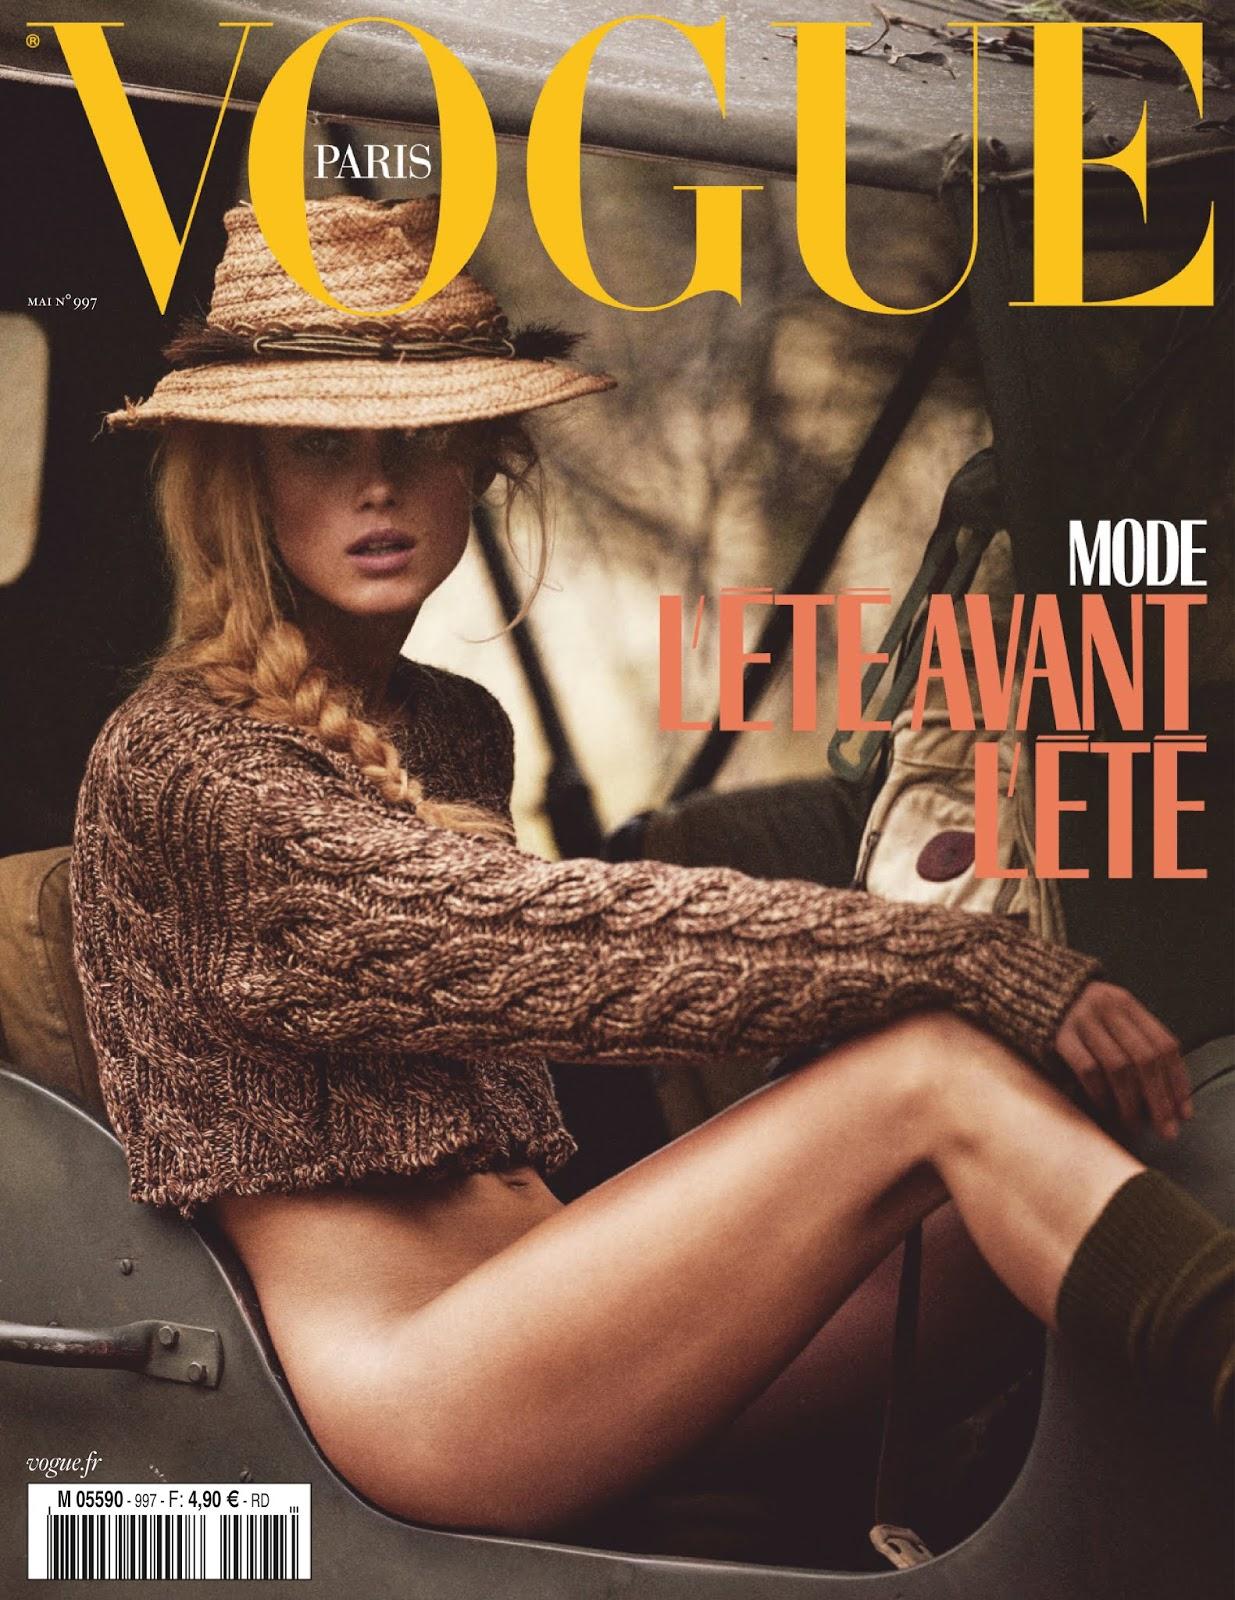 Rianne Van Rompaey by Mikael Jansson for Vogue Paris (14).jpg